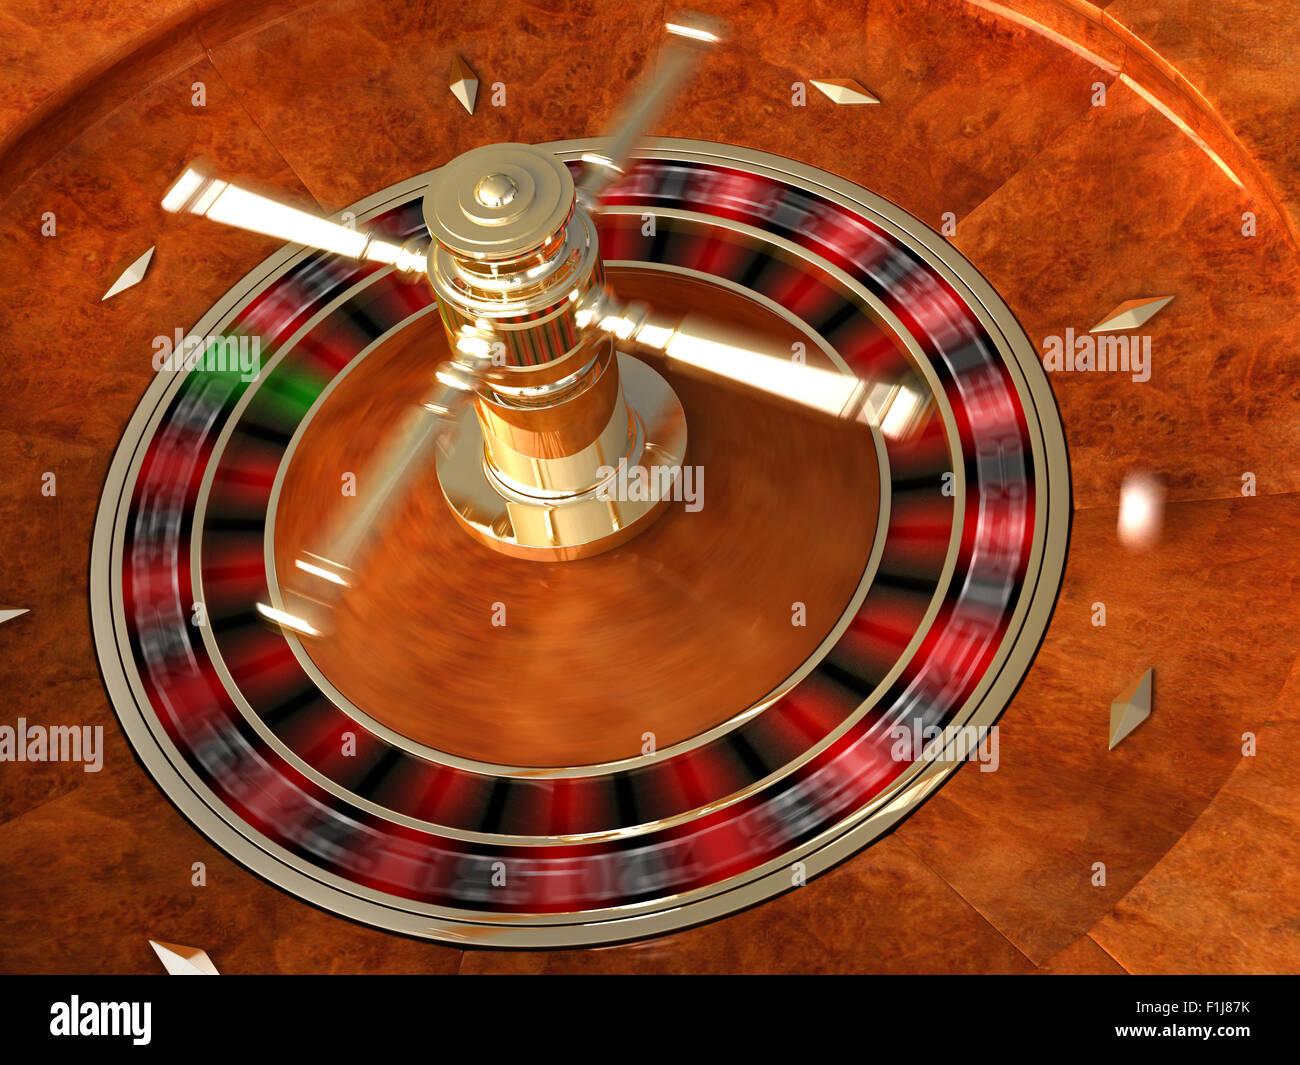 3D render of faisant tourner la roulette de casino avec flou de mouvement simulé Photo Stock